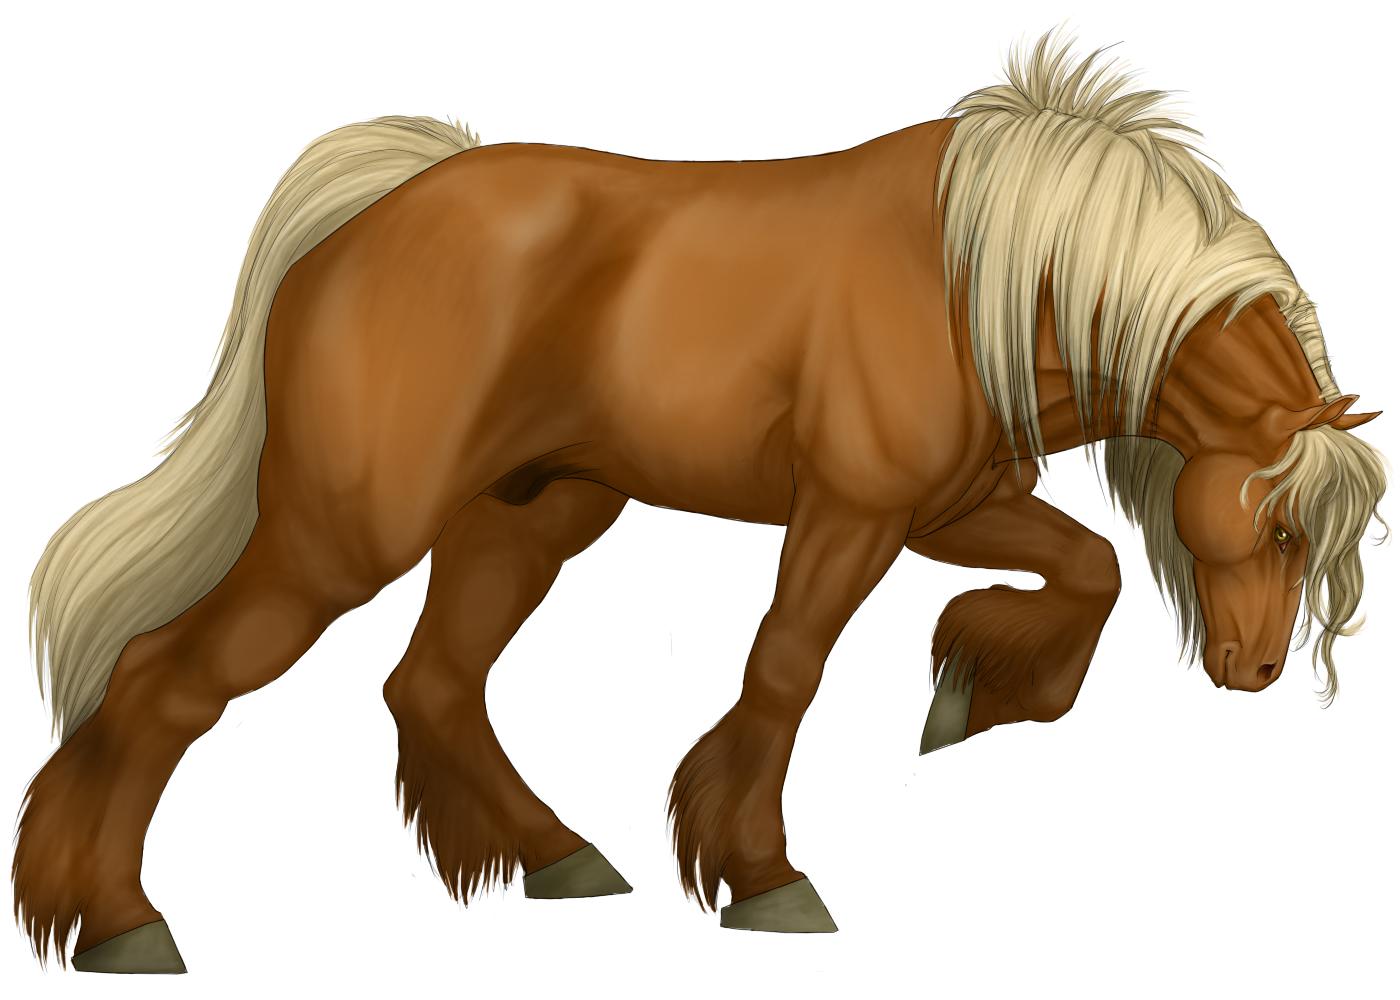 Большой конь, русская лошадь, рисунок, фото, обои, клипарт